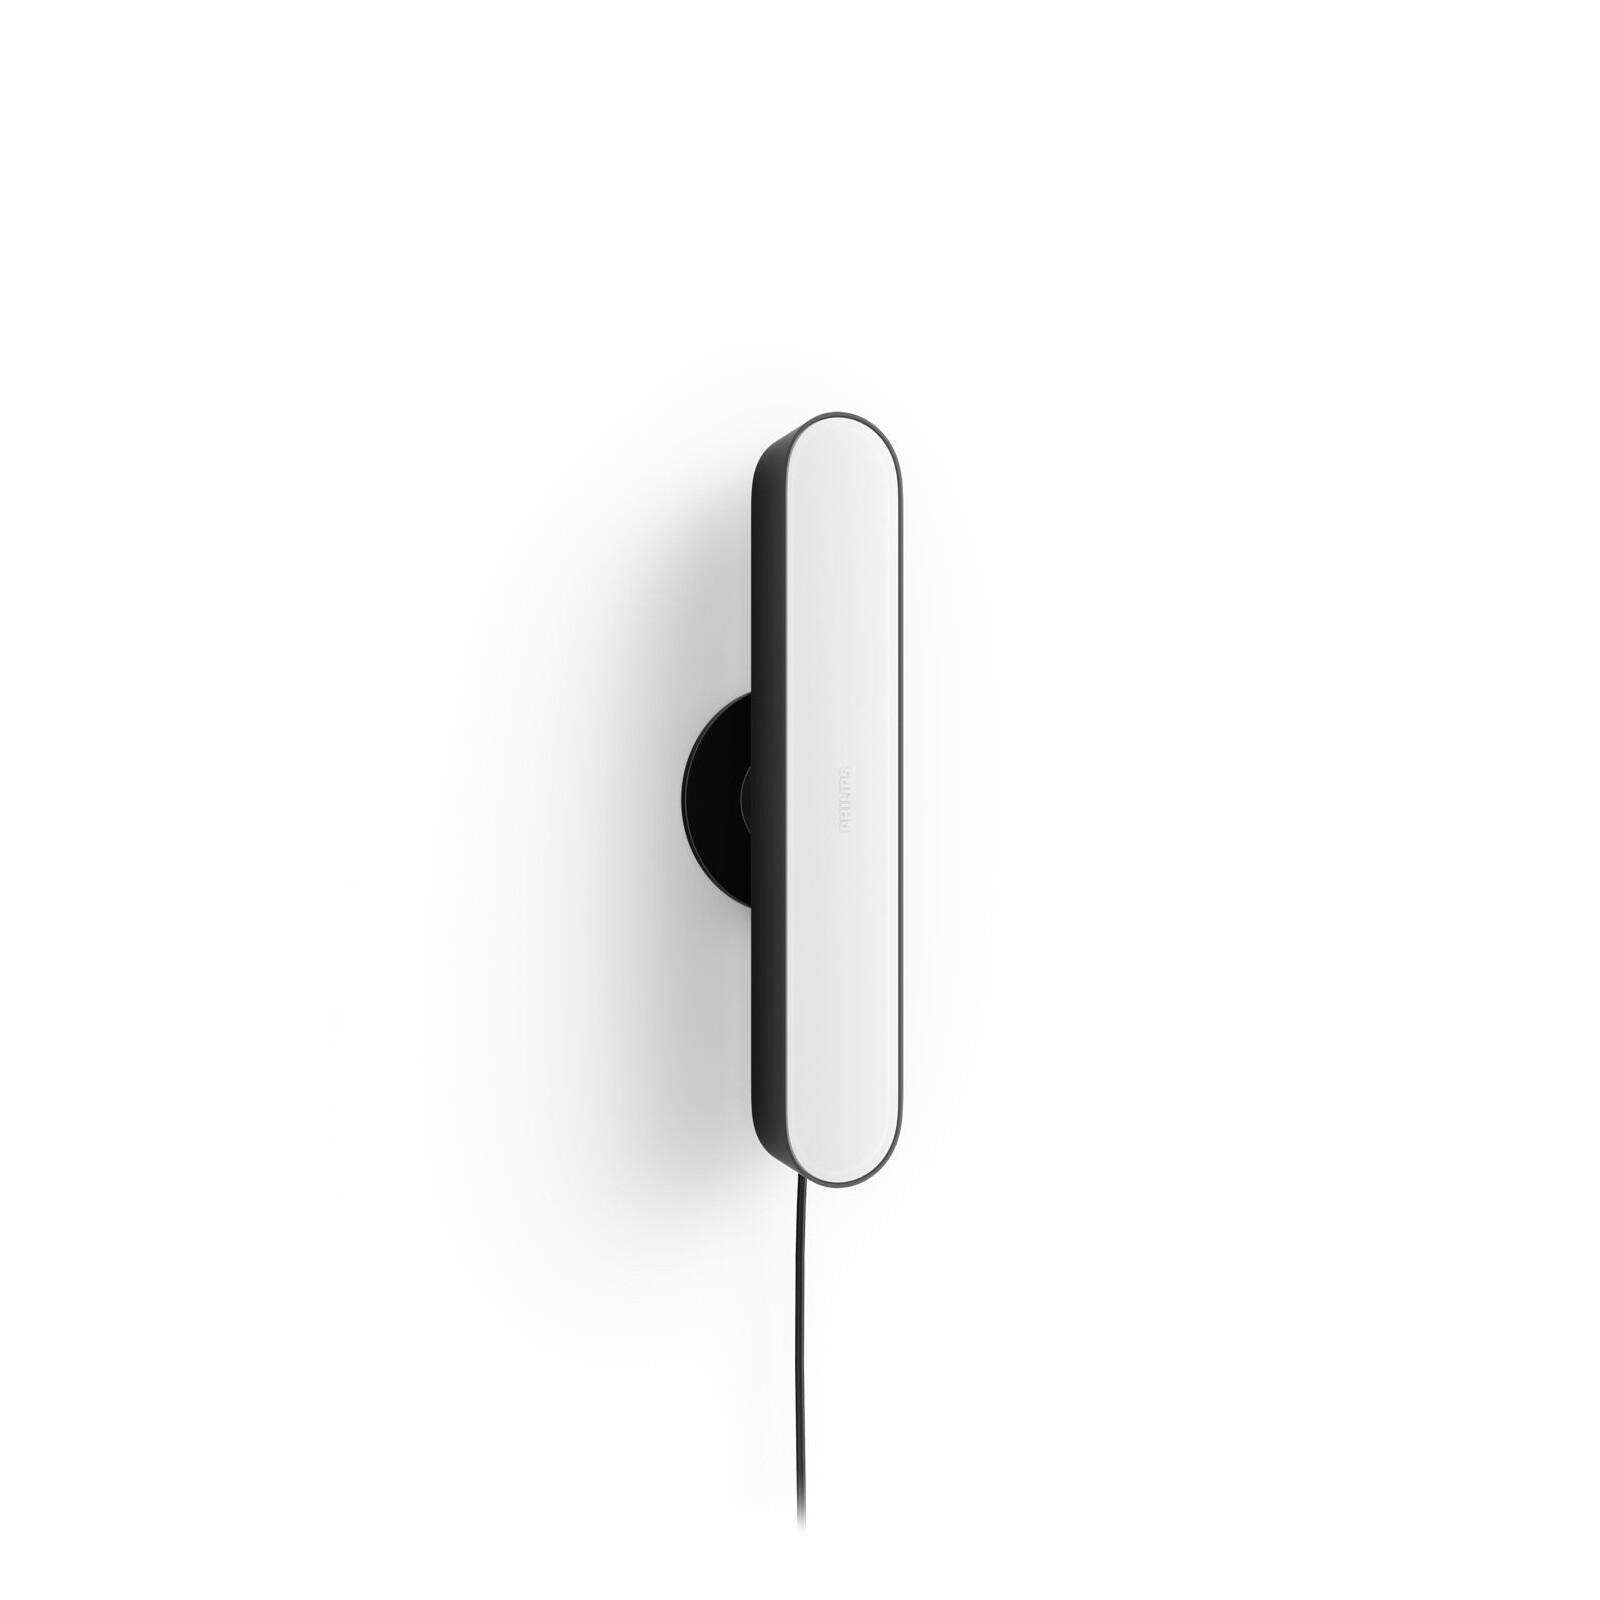 Philips Hue Play LED Tischleuchte WACA schwarz + Netzteil